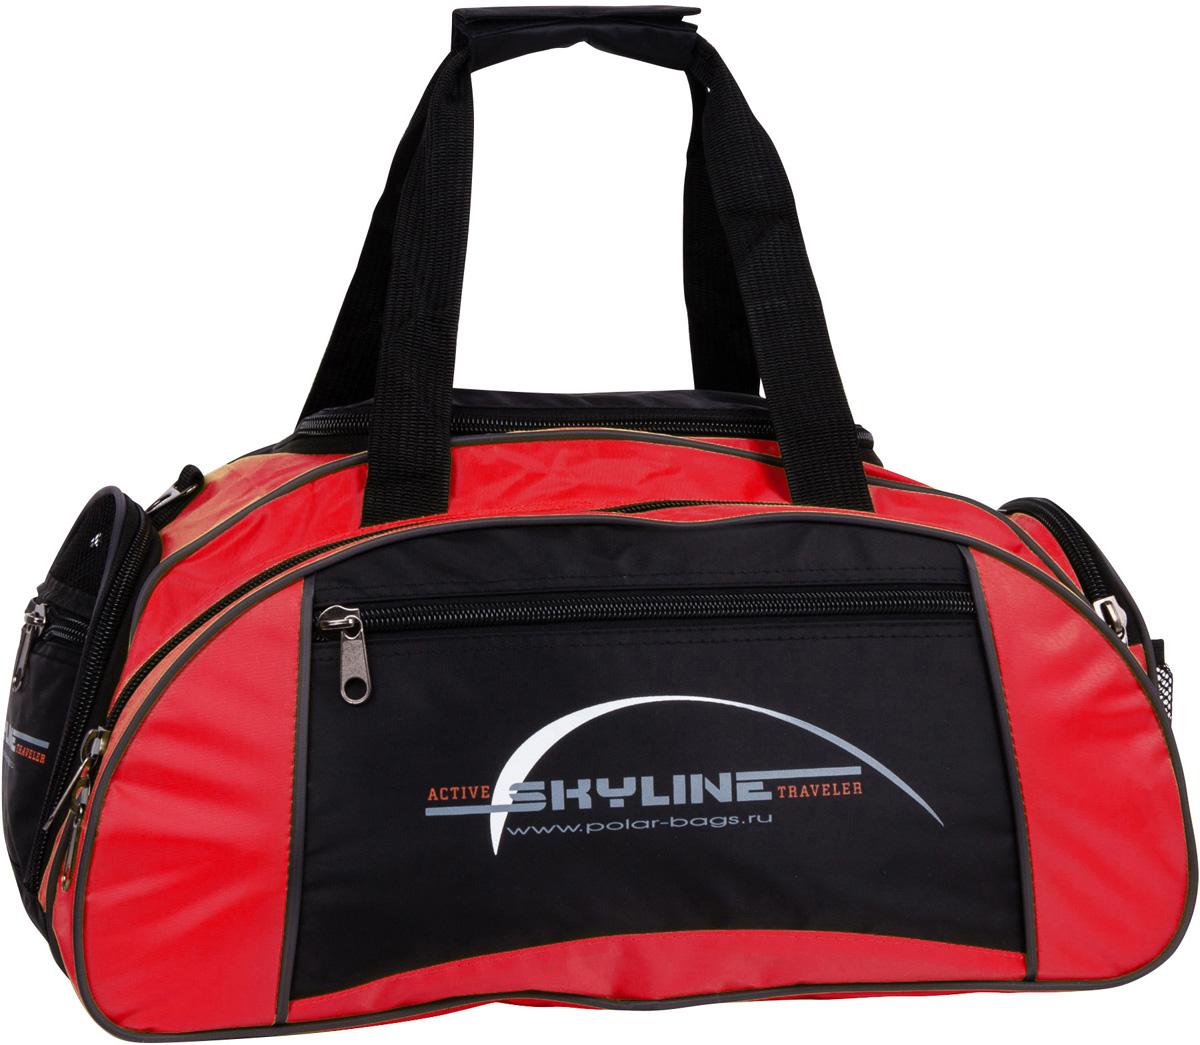 Сумка спортивная Polar Скайлайн, цвет: черный, красный, 36 л, 50 х 24 х 30 см. 60636063Спортивная сумка для ваших вещей. Большое отделение под вещи, плюс три кармана снаружи сумки, позволит вместить в сумку самые необходимые вещи. Карман сбоку под обувь. Имеется плечевой ремень.